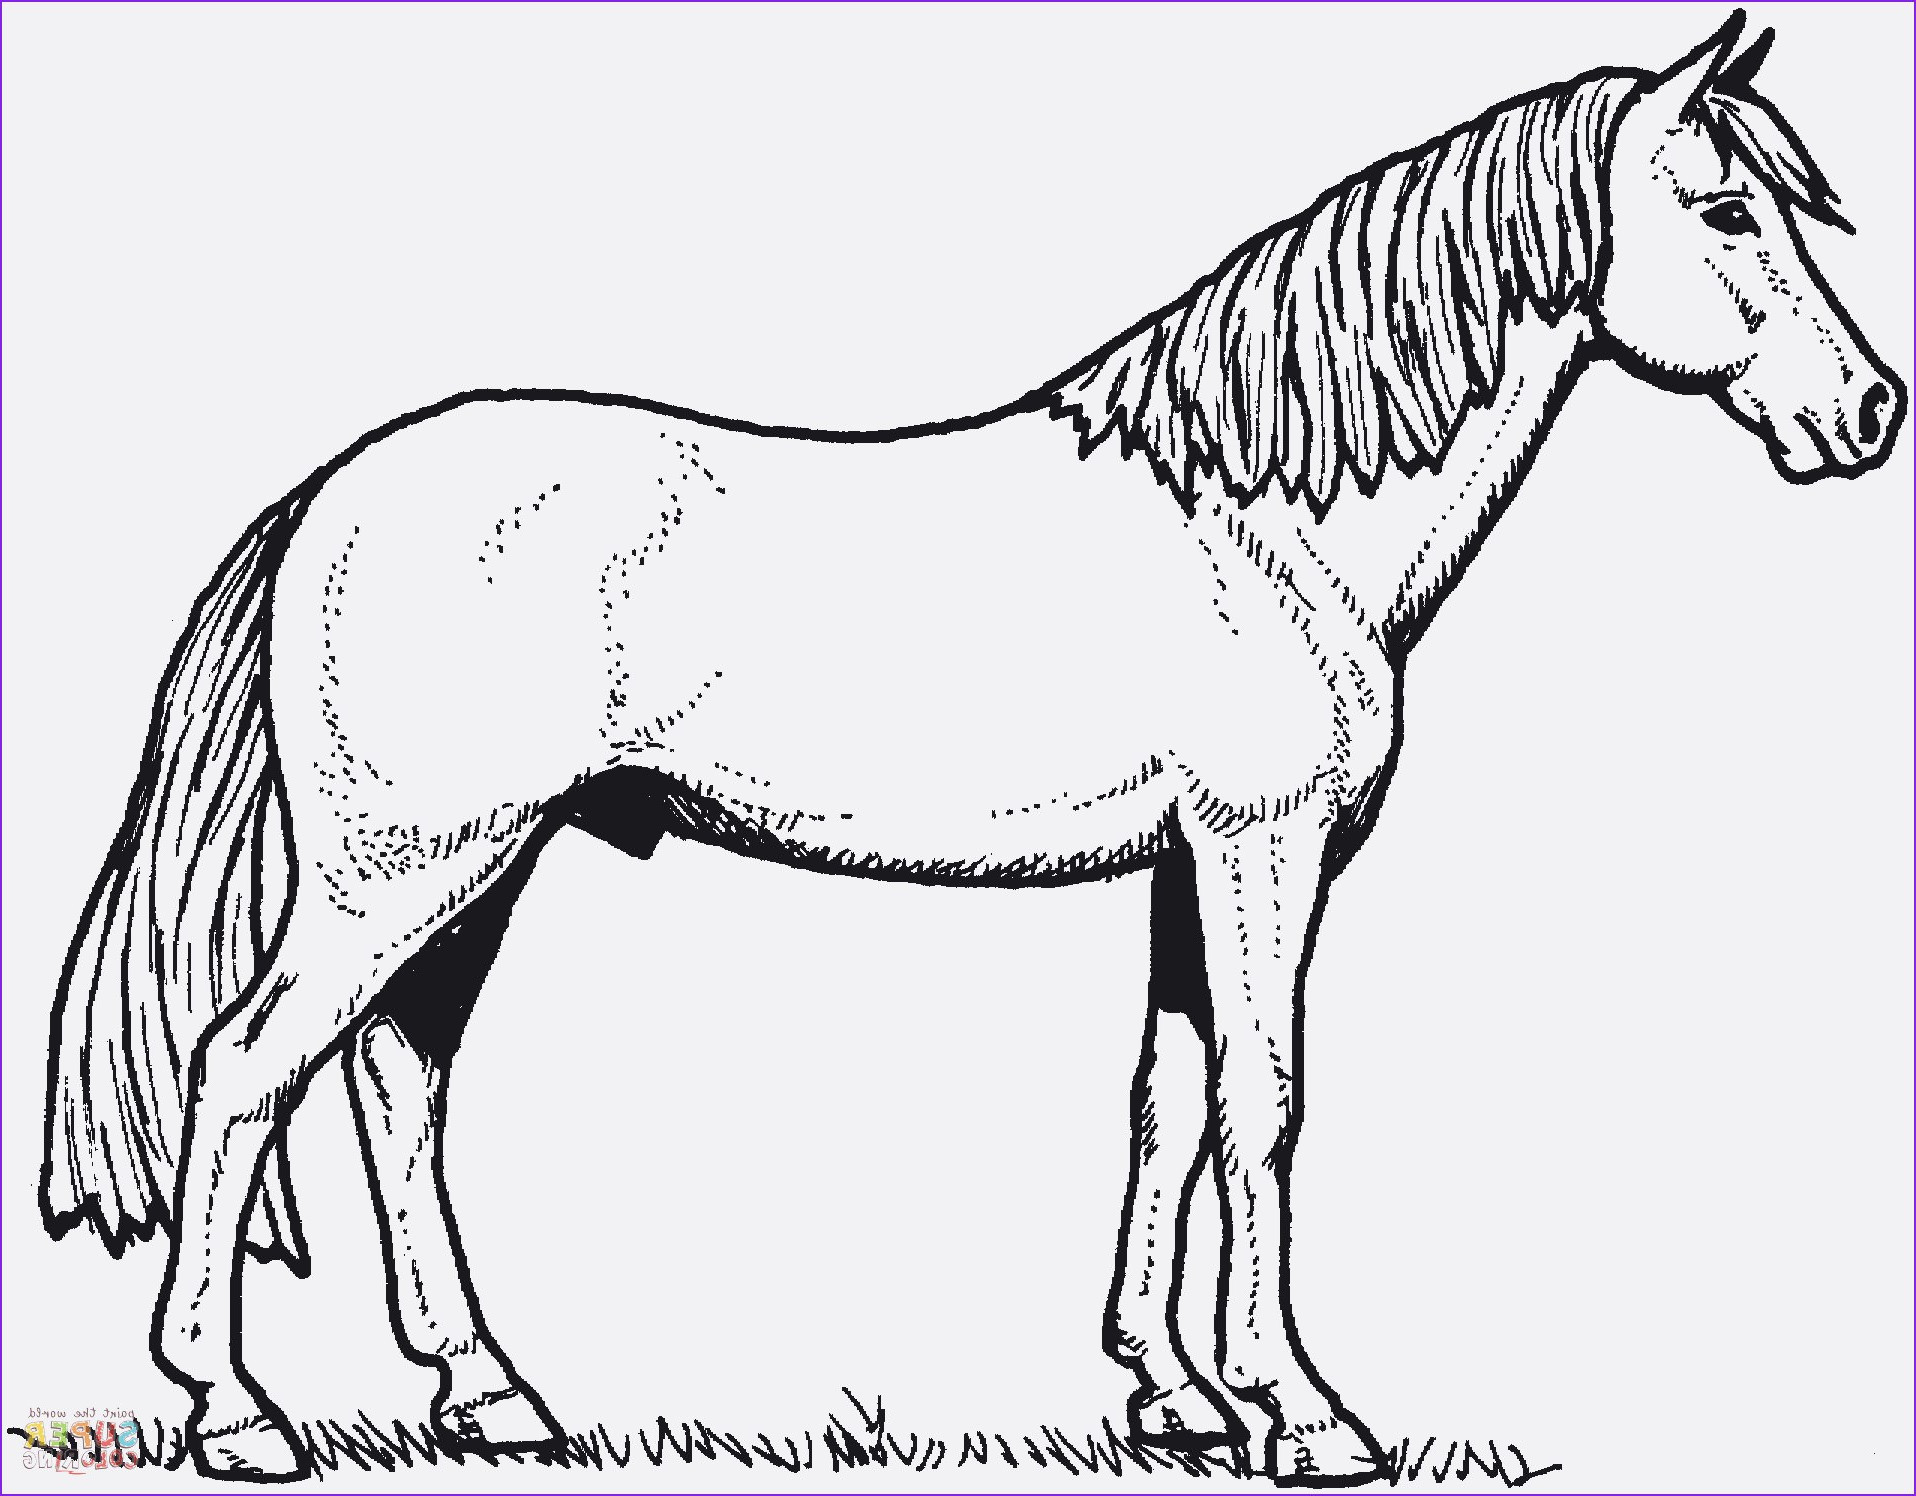 Ausmalbilder Pferde Turnier Genial 26 Inspirierend Malvorlagen Pferde – Malvorlagen Ideen Fotografieren